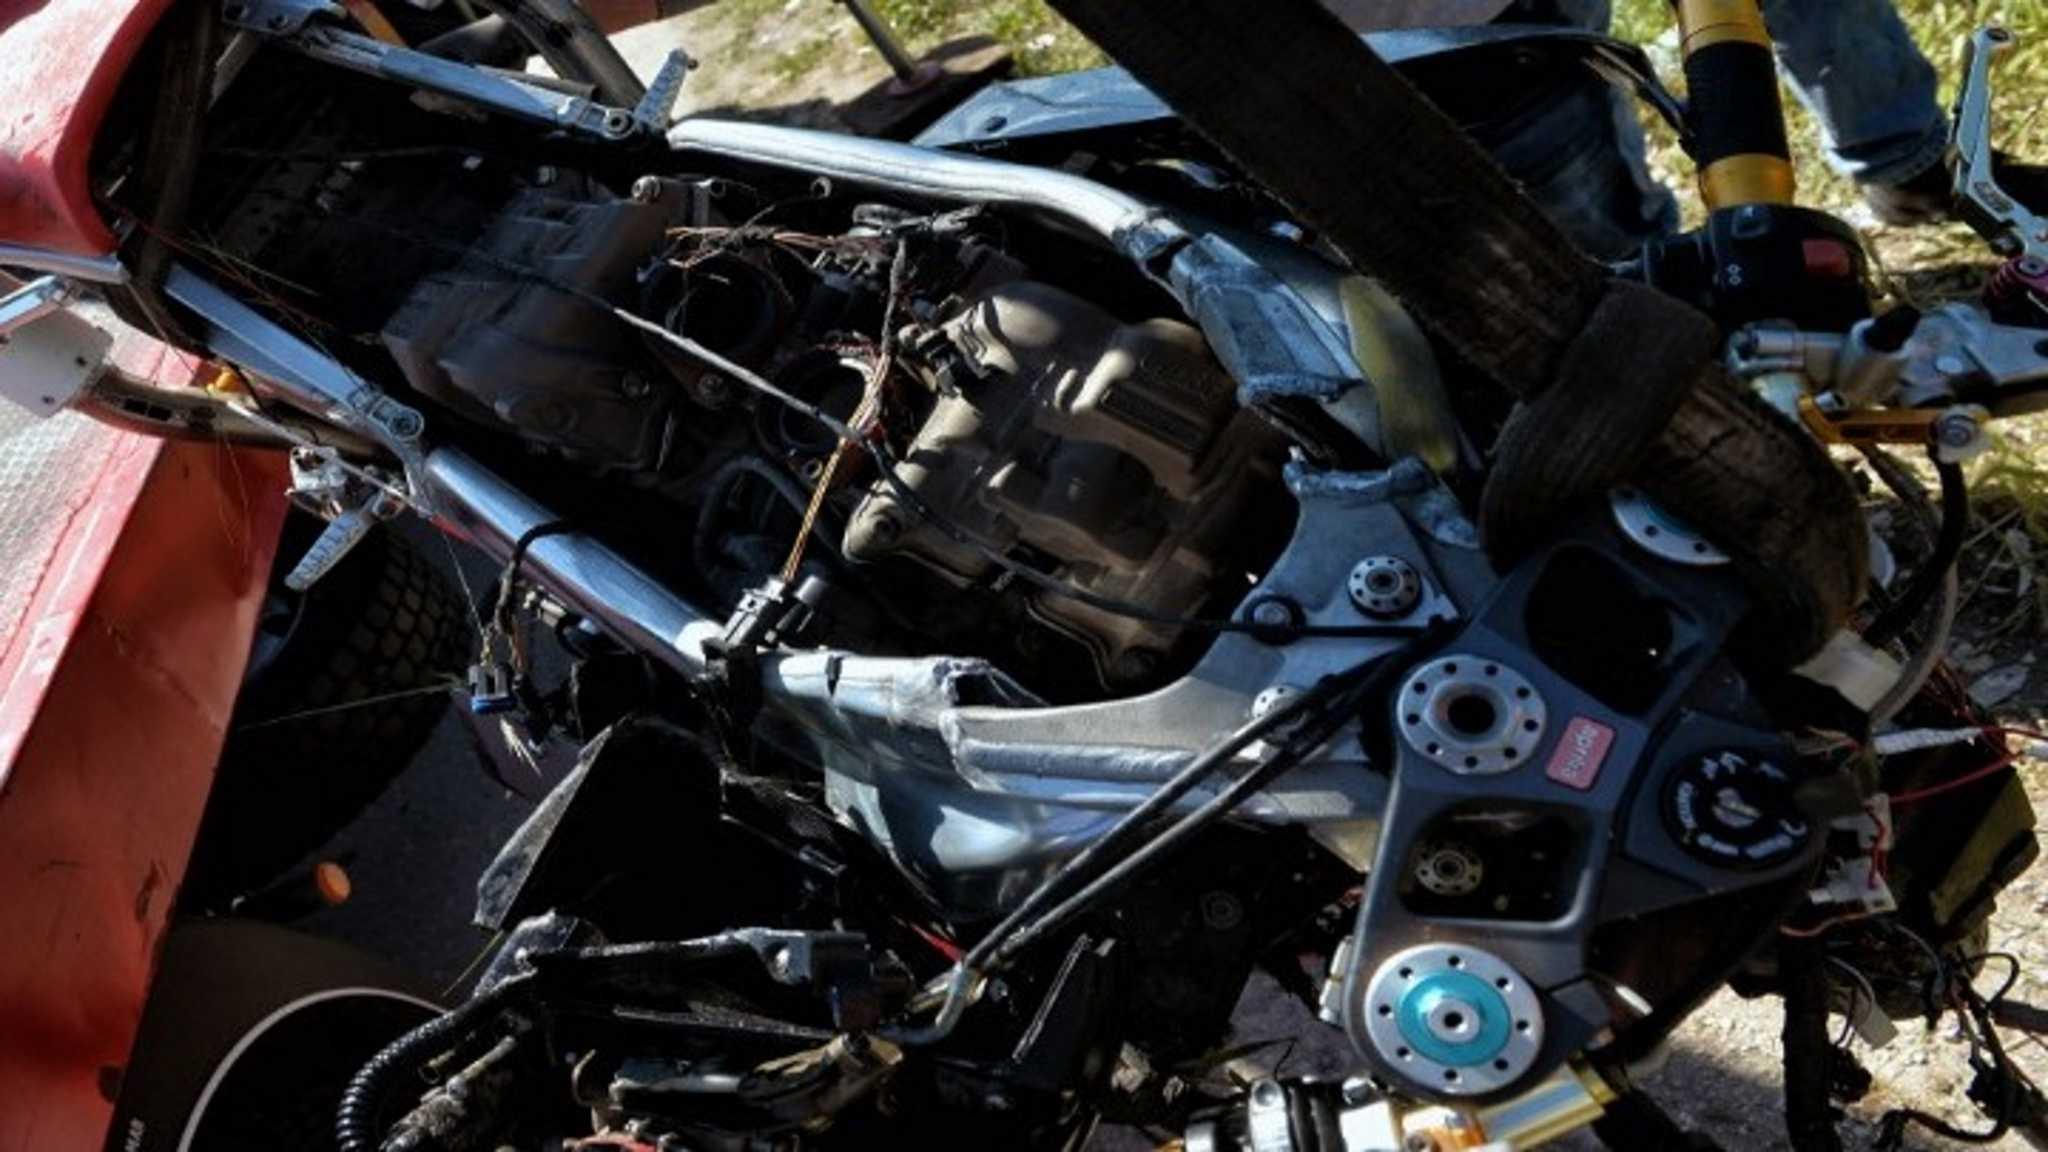 Κρήτη: Μηχανή συγκρούστηκε με φορτηγό – Σοβαρά τραυματισμένος ο δικυκλιστής